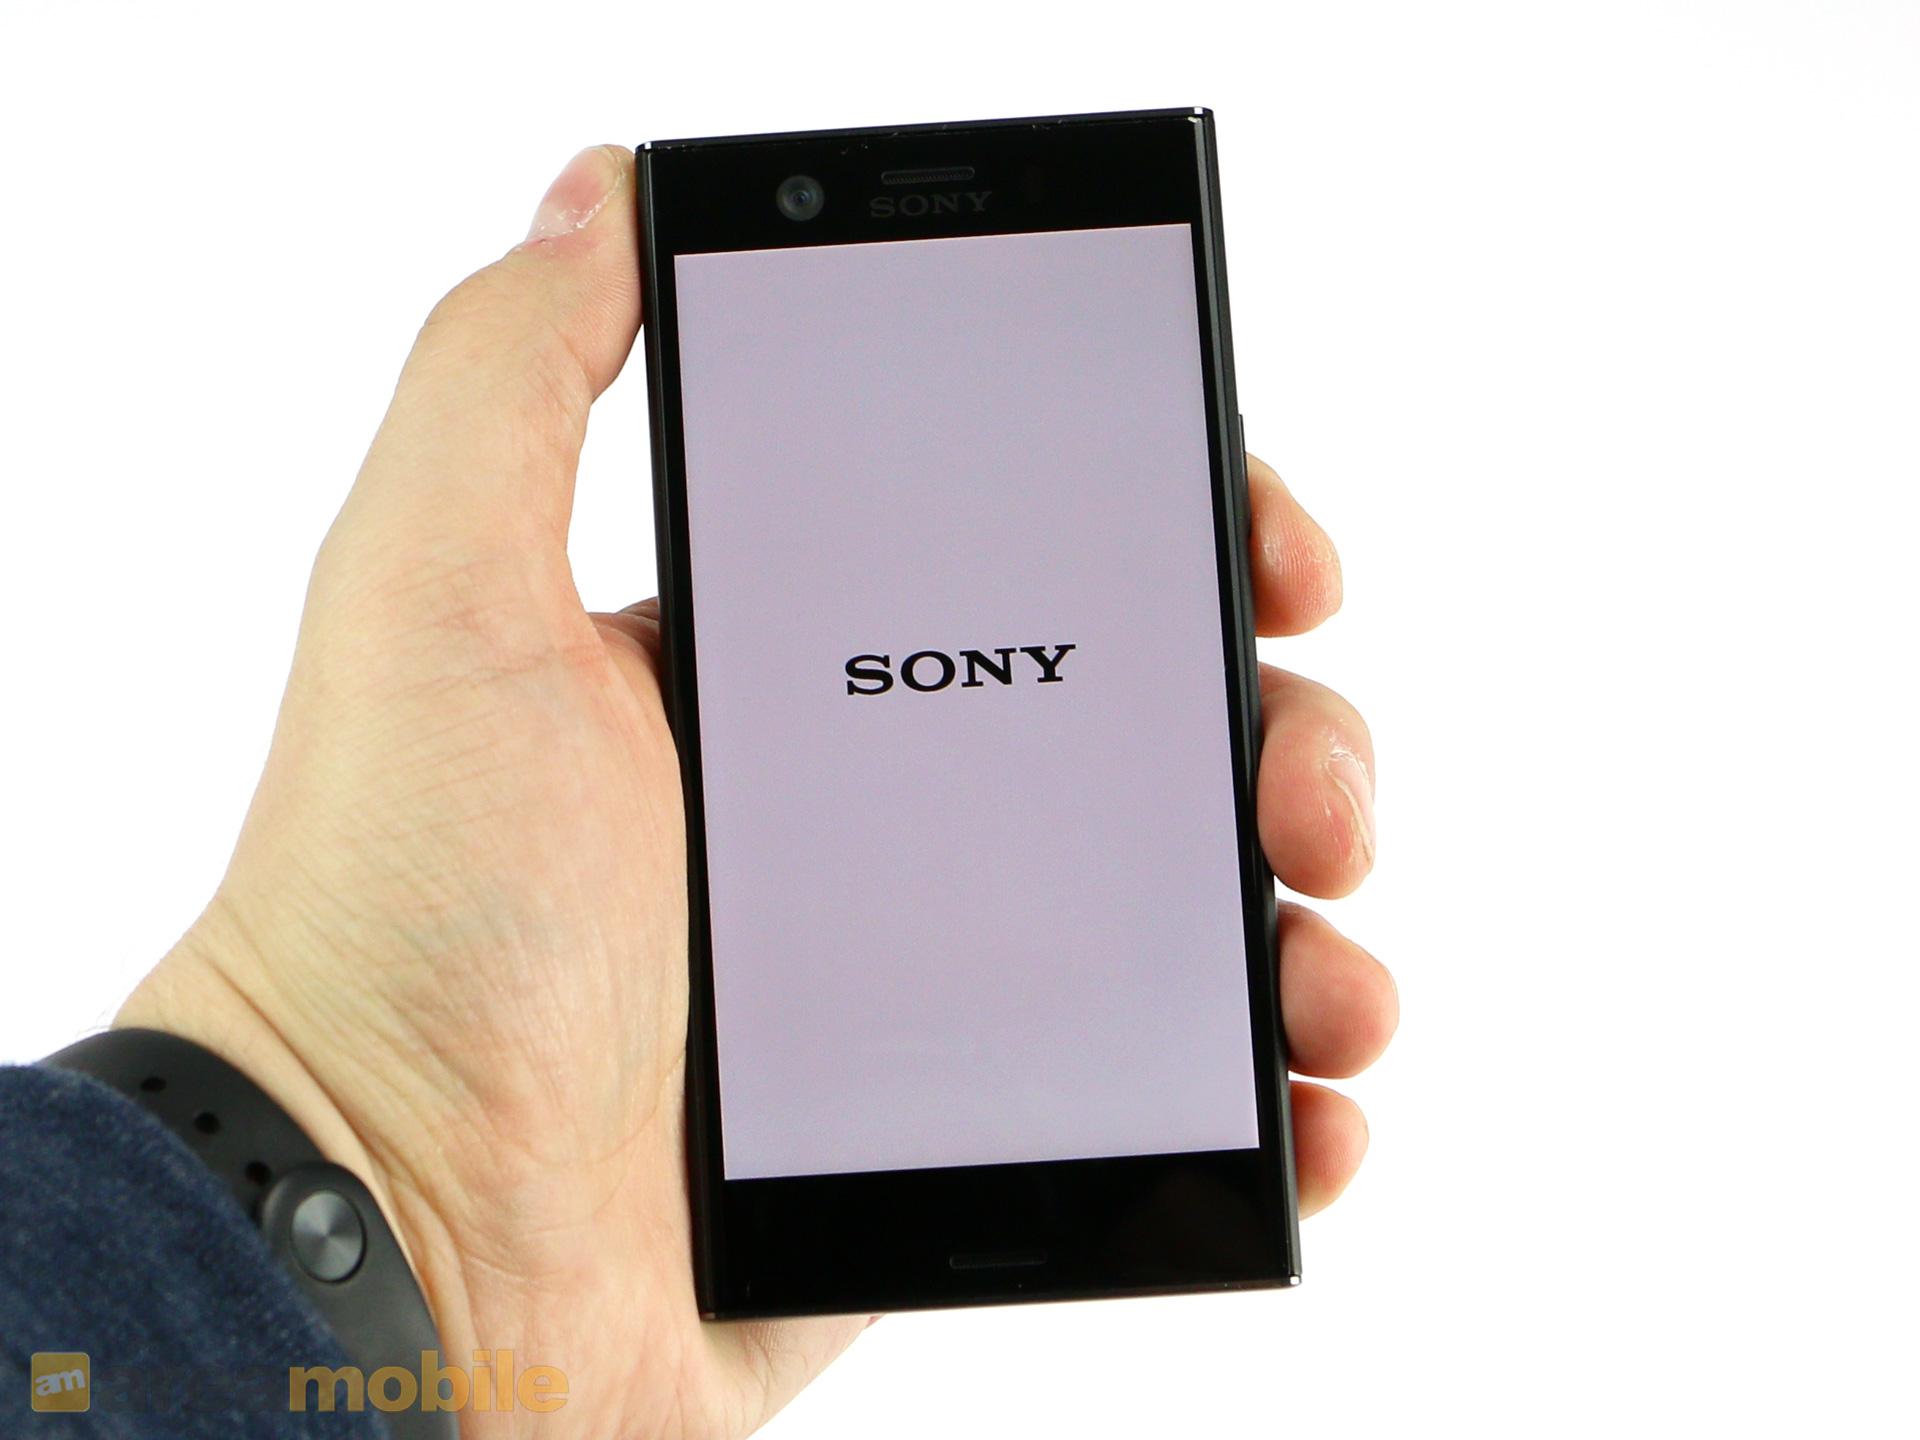 Sony Xperia XZ1 Compact im Test: Alternativlos für Freunde kleiner Smartphones - Das Xperia XZ1 Compact liegt aufgrund seines kleinen Displays gut in der Hand. (Bild: Areamobile)